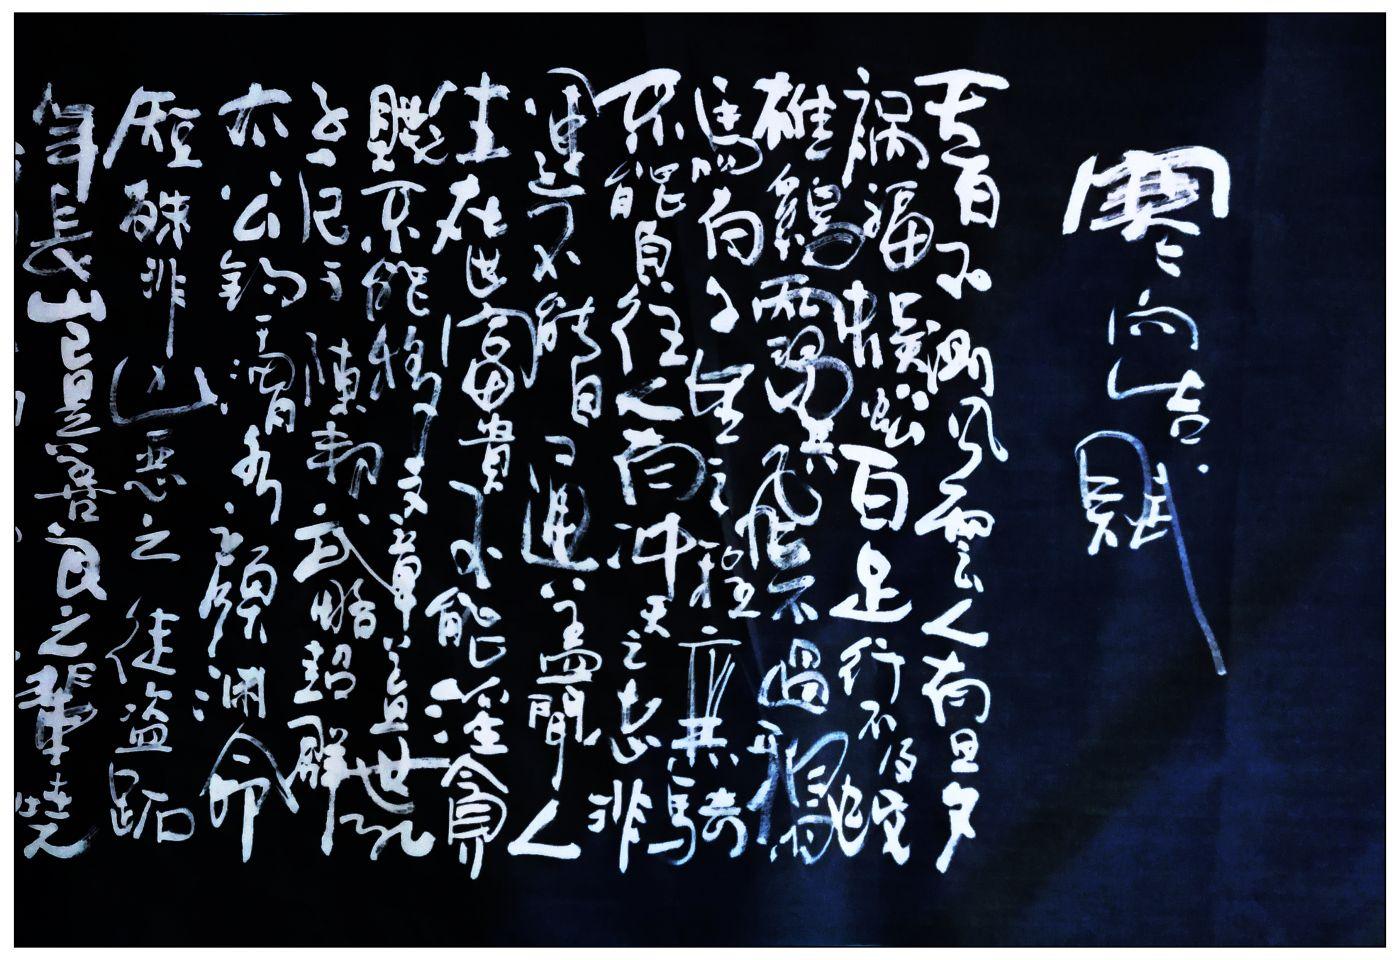 牛志高书法艺术---2021.04.19_图1-3